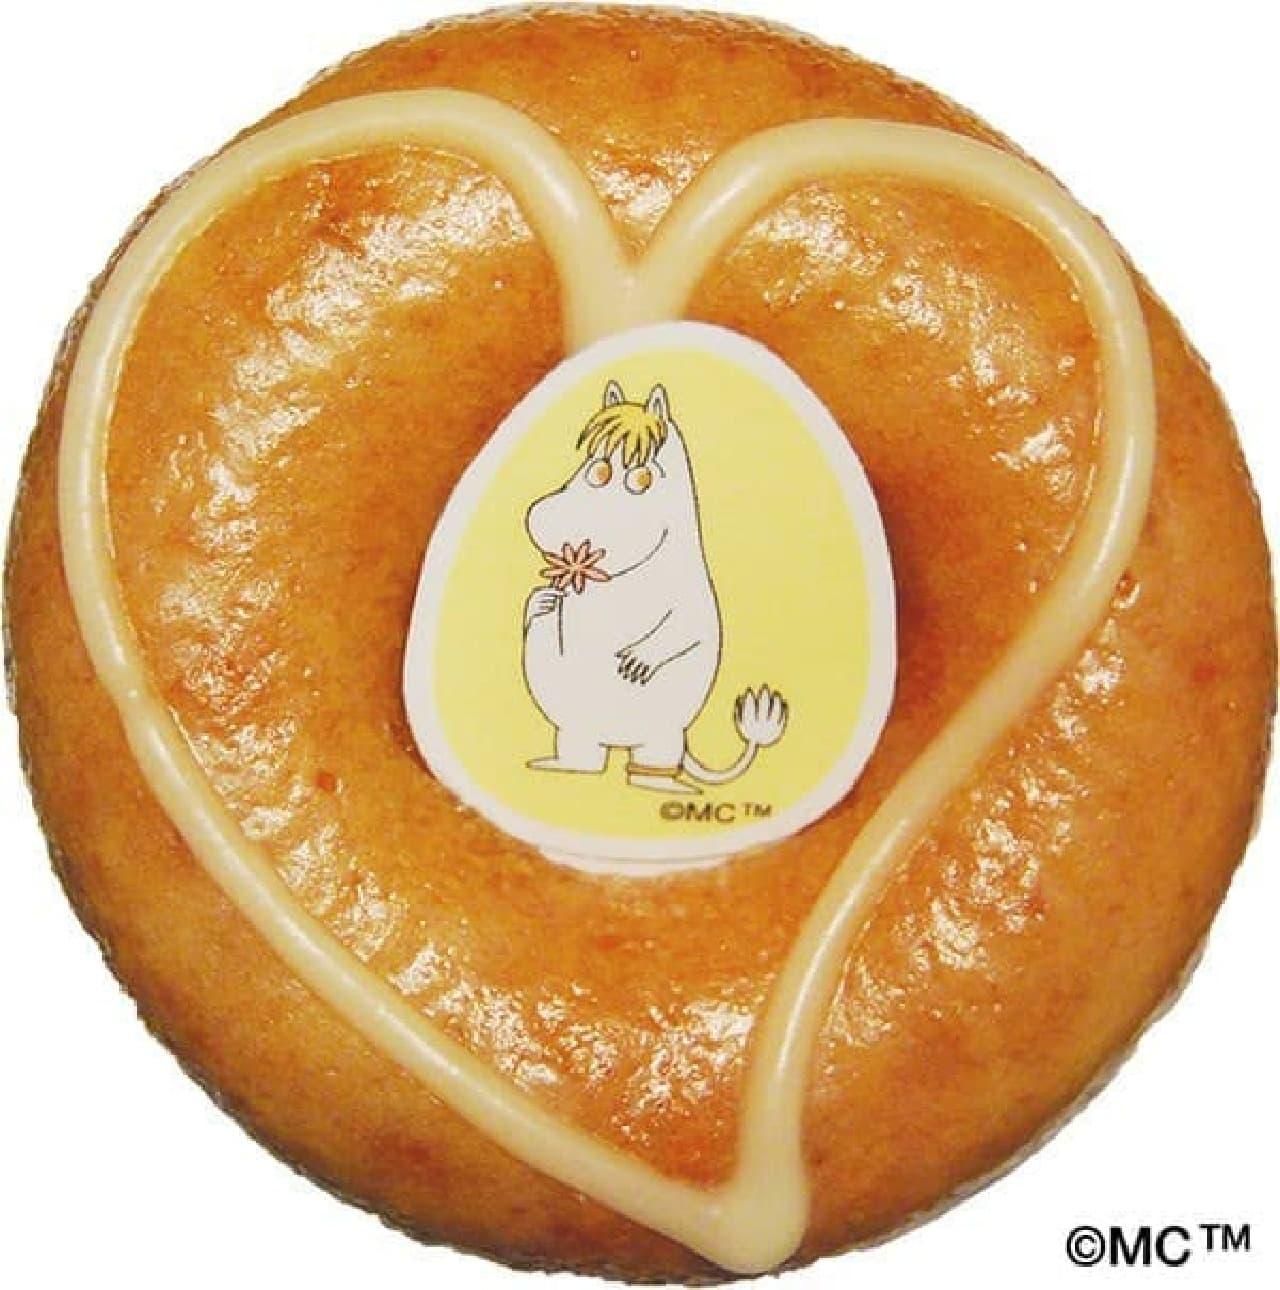 ドーナッツプラント ムーミンドーナッツ キャラメル